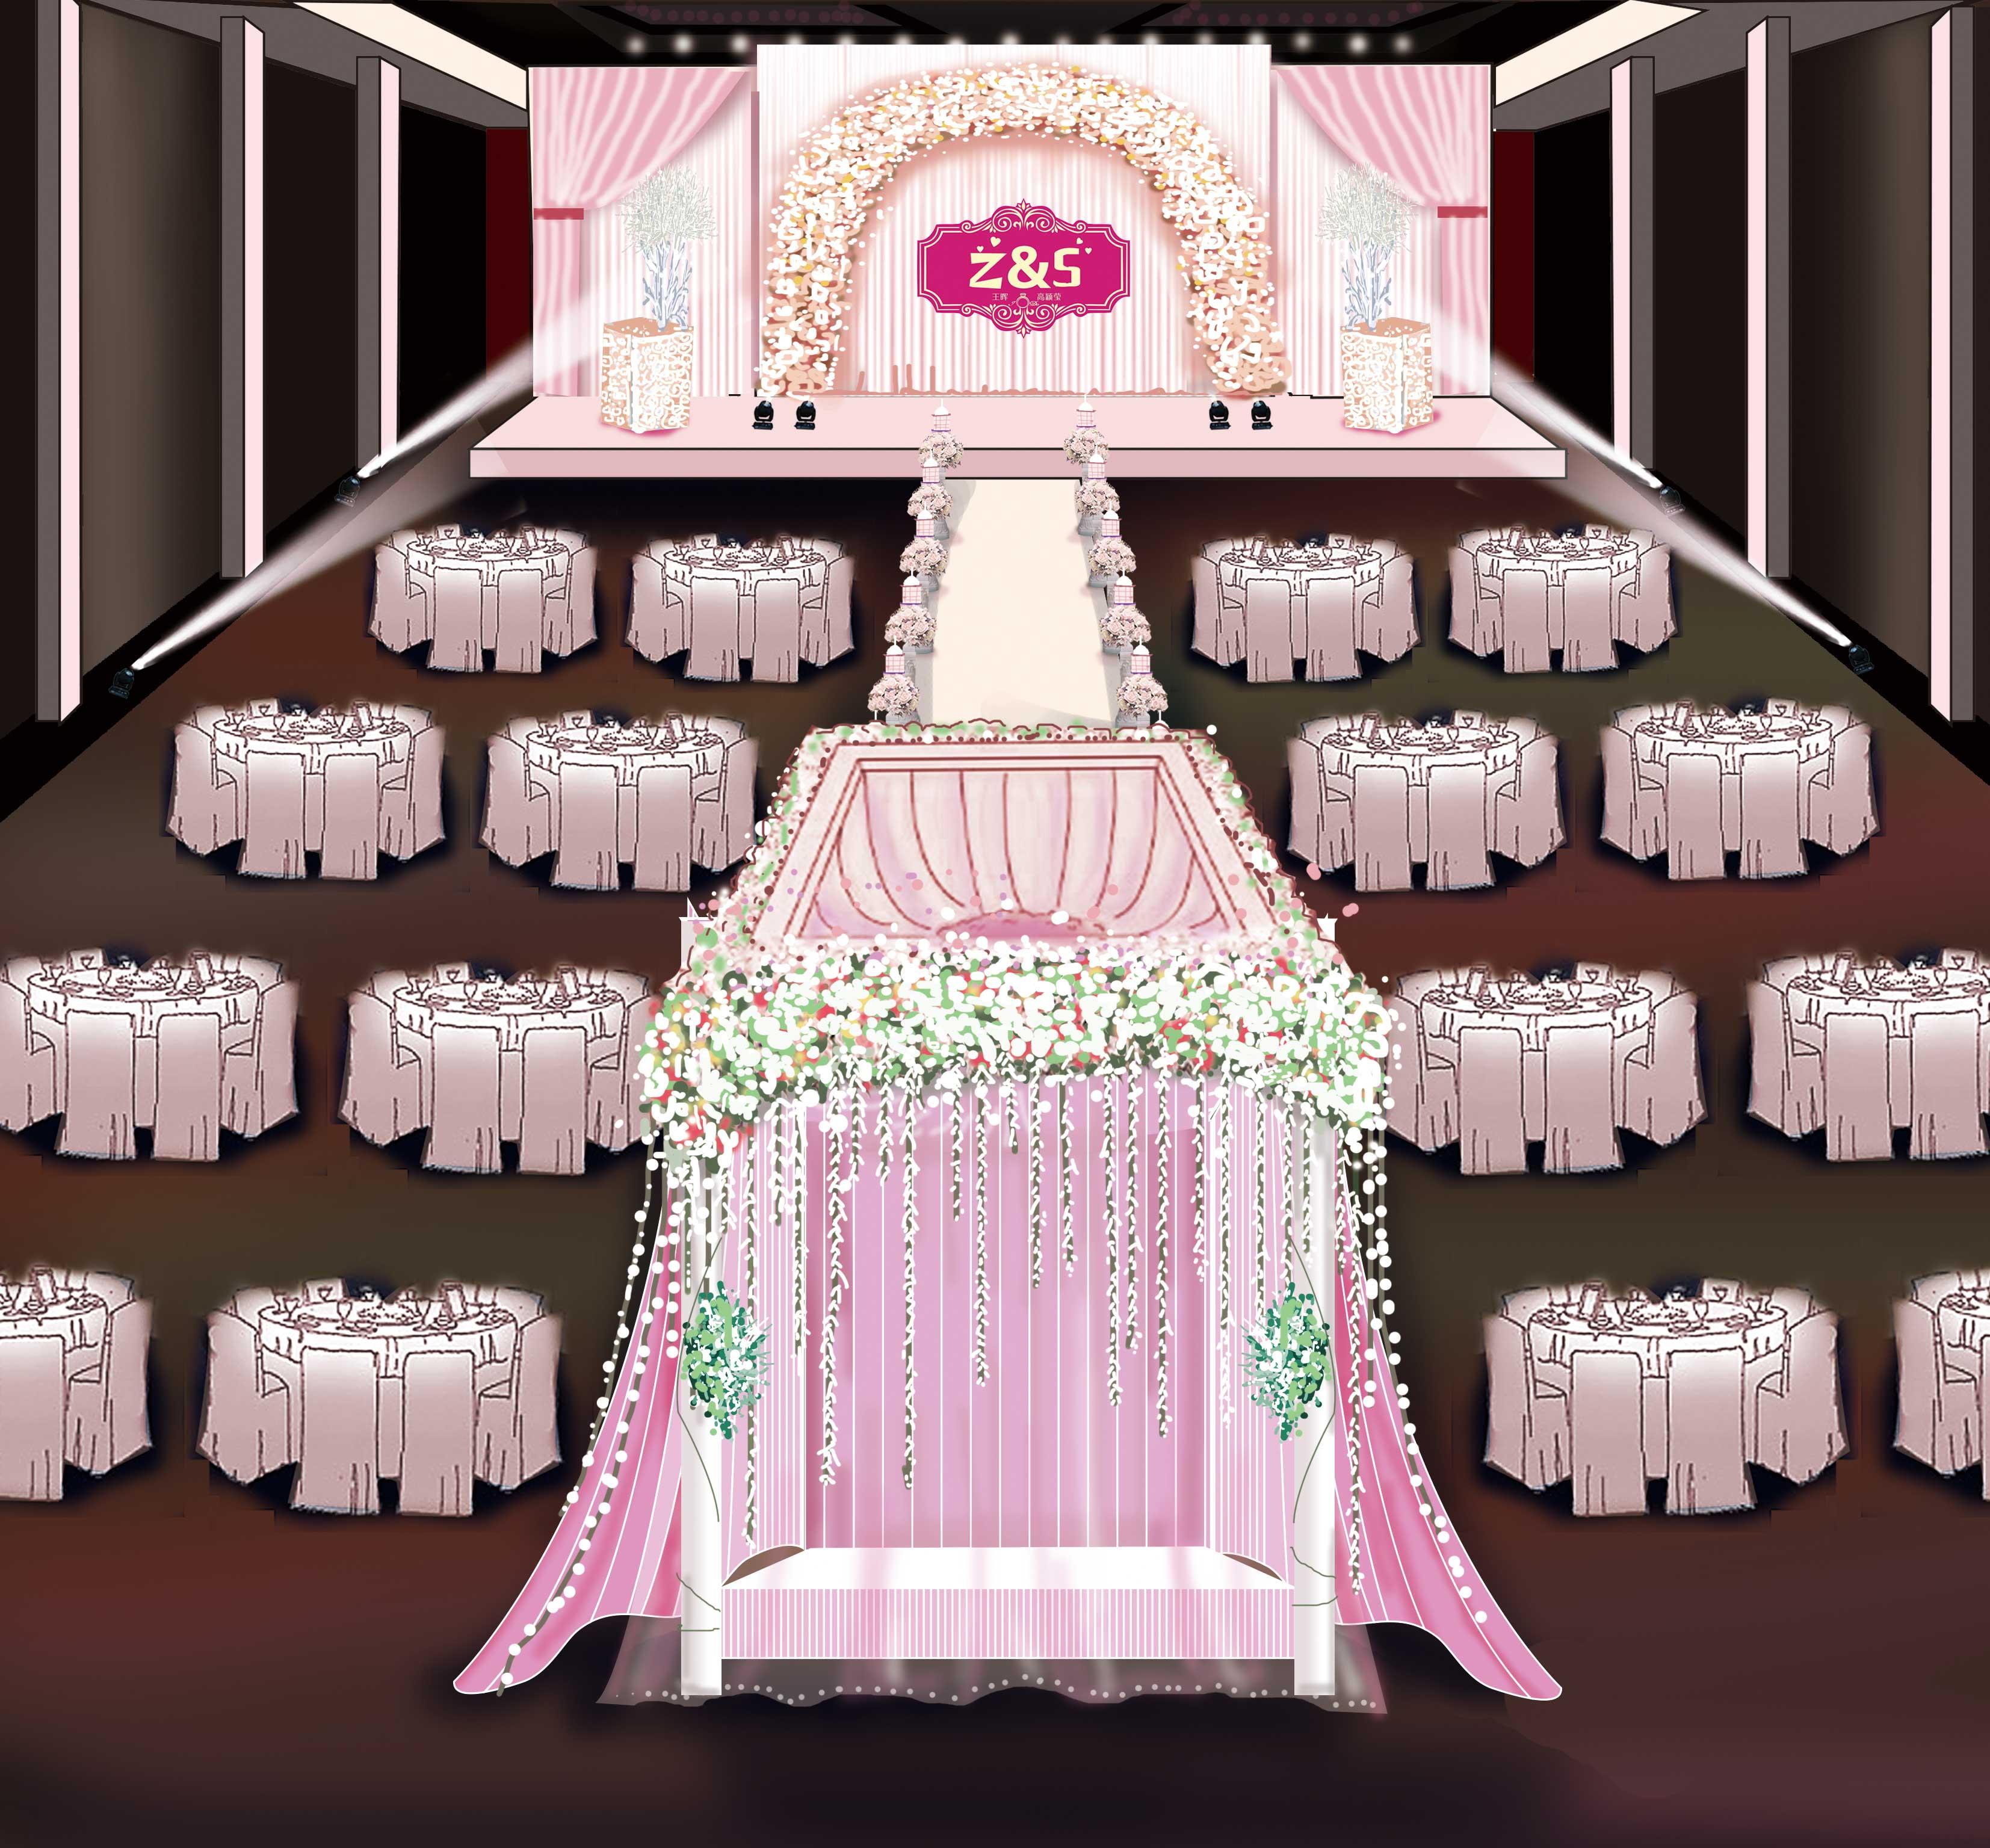 手绘婚礼场景图